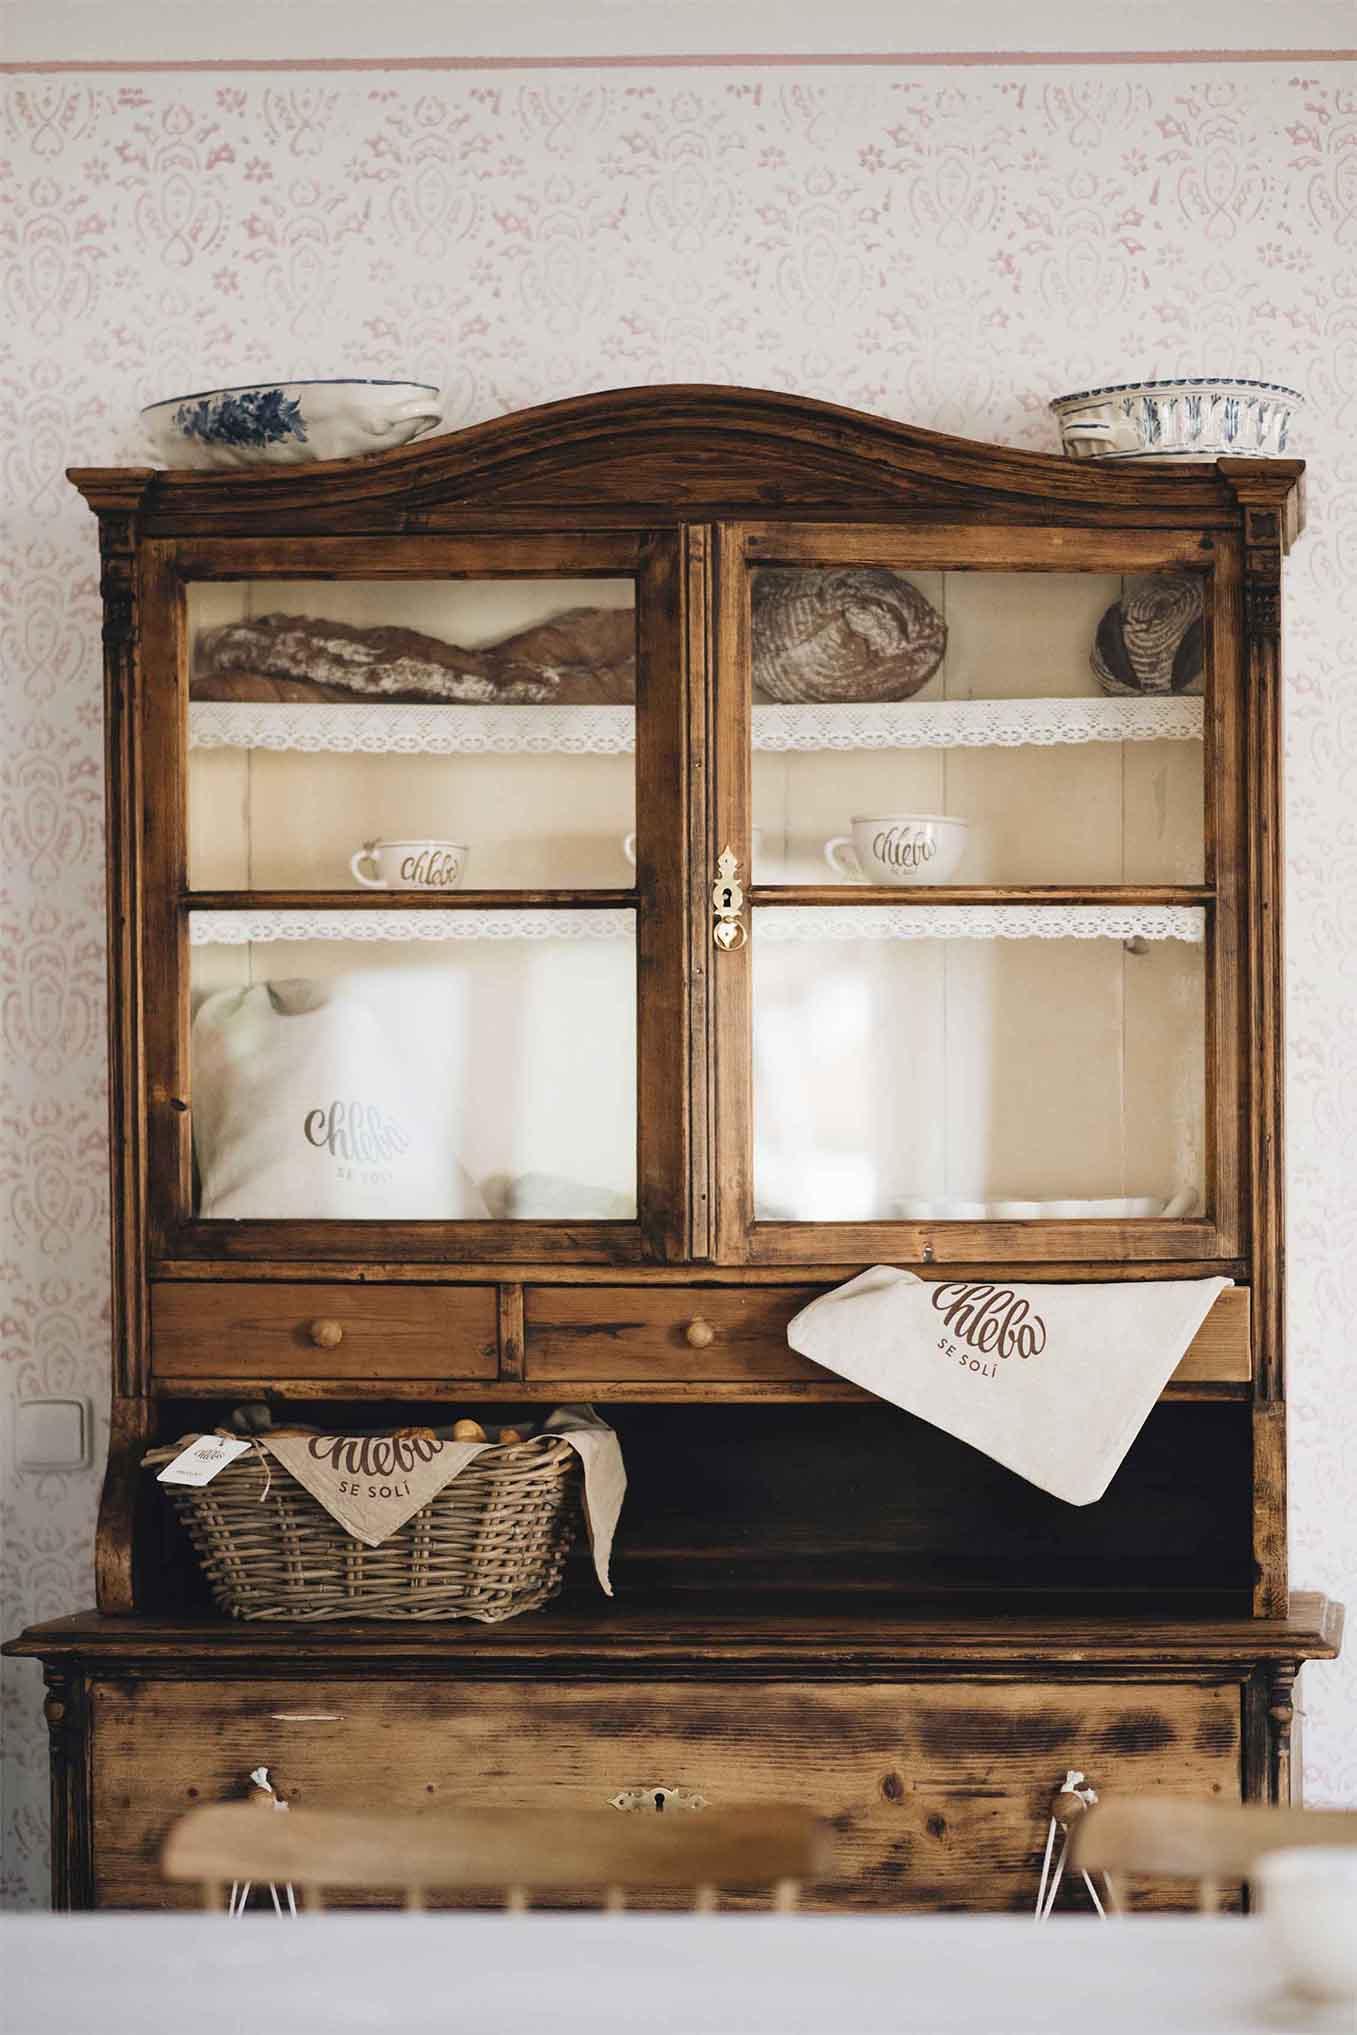 Pekárna Chleba se solí, Včelná - kredenc z antikvariátu na chleba a jiné dobroty. Autor: Kurz architekti